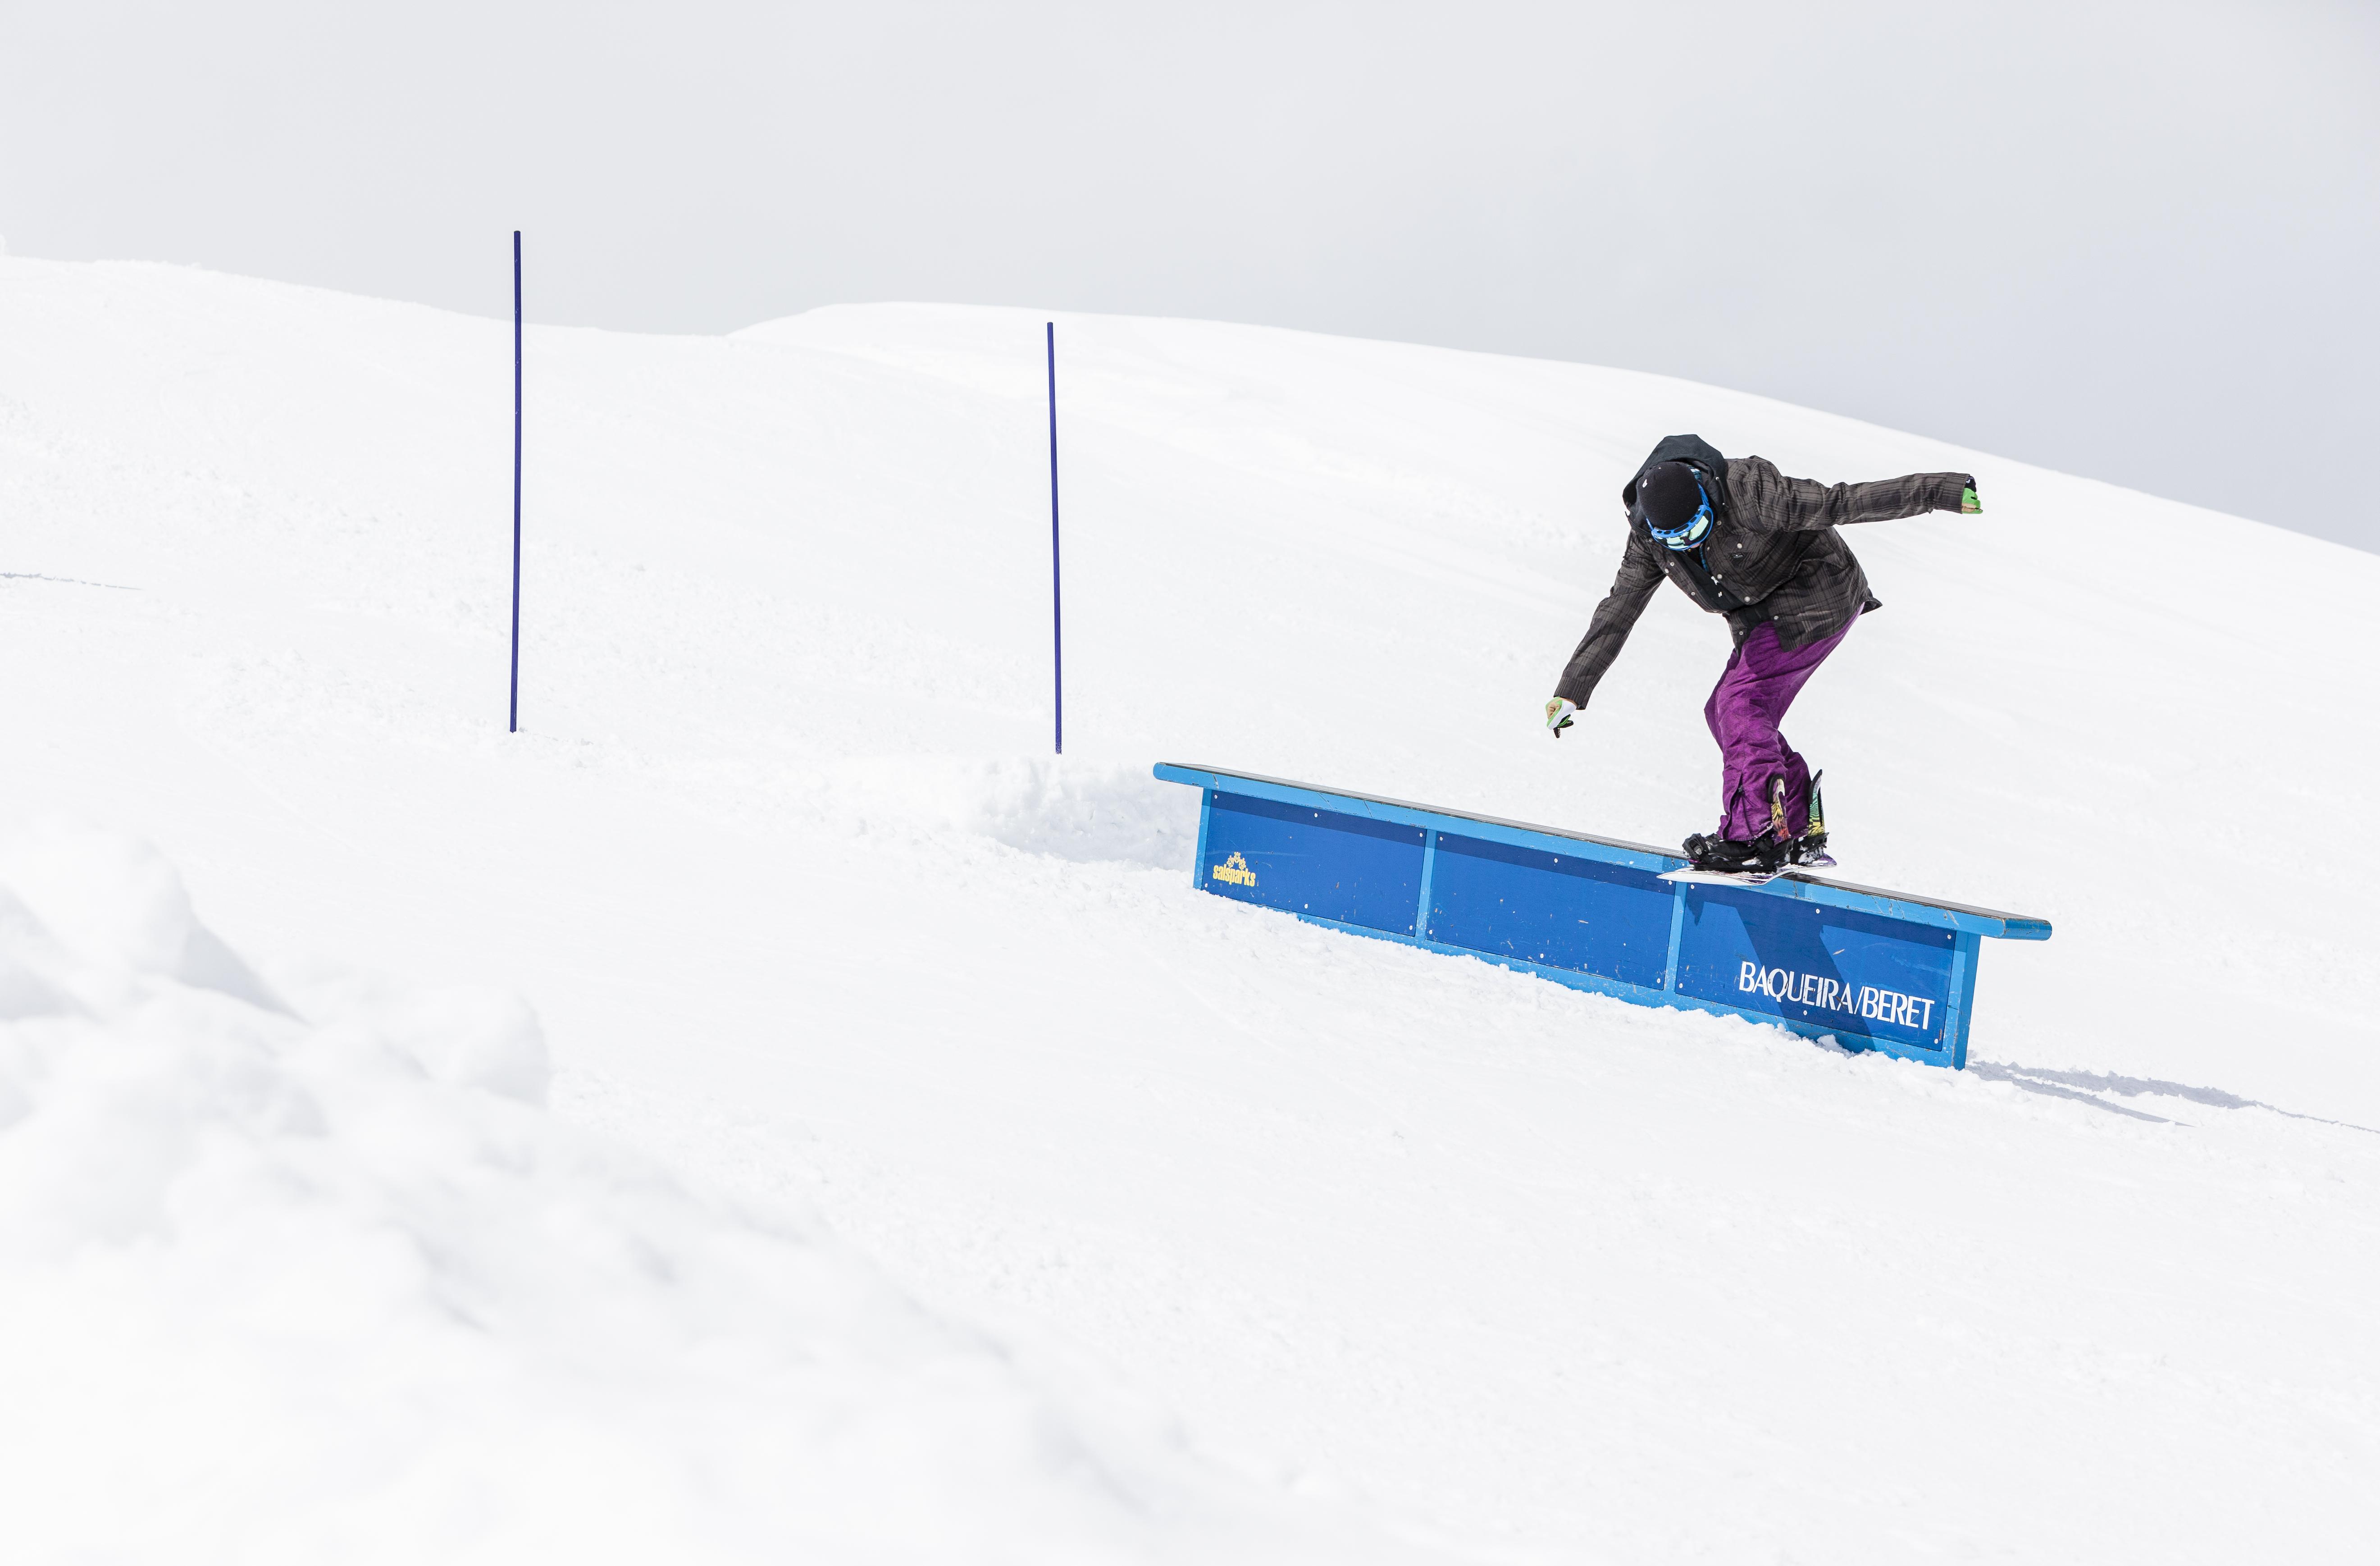 Rider a l'snowpark de Baqueira Beret/Marc Gasch